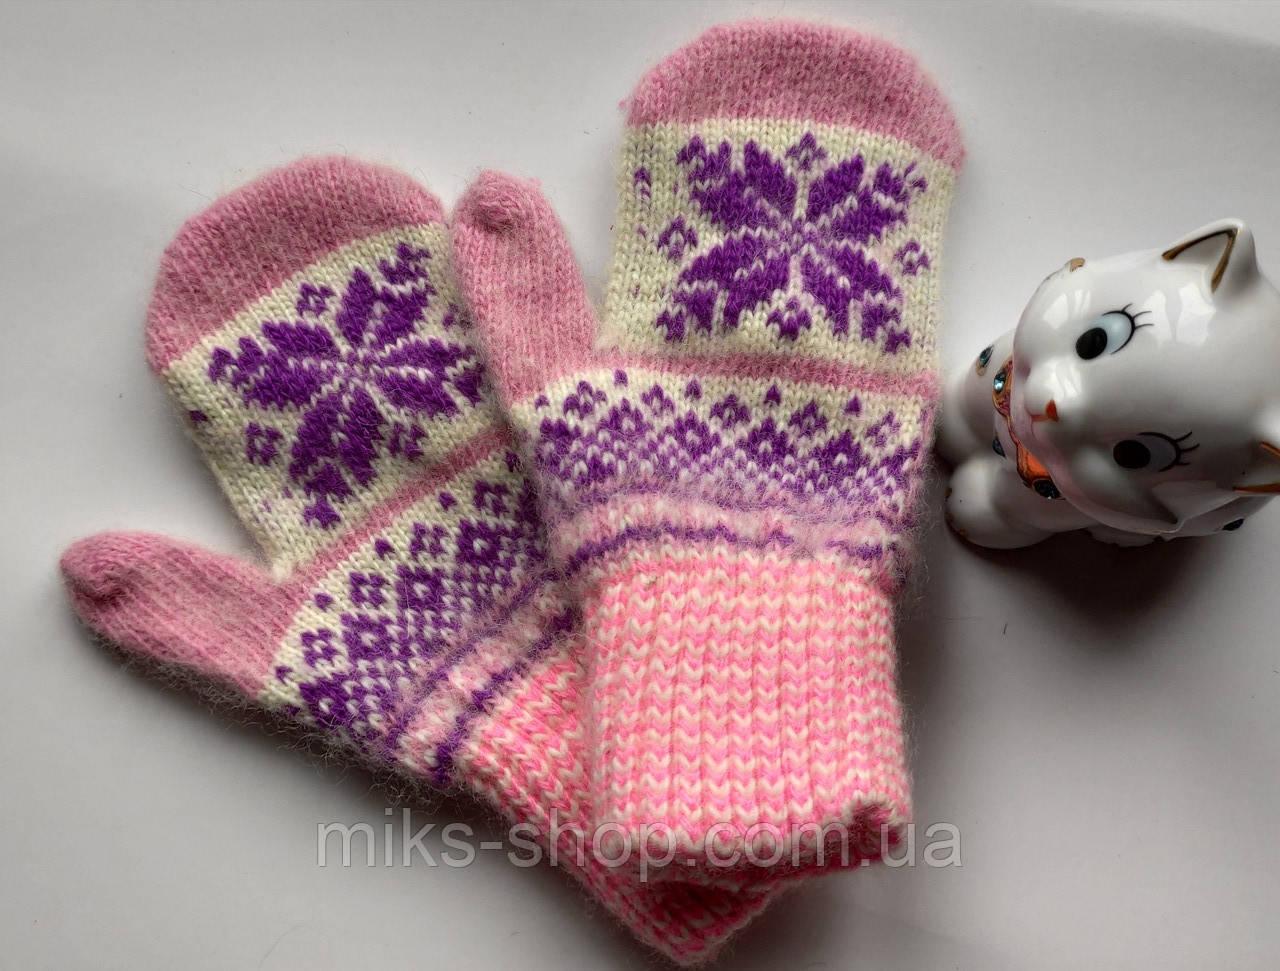 Варежки рукавиці 100 % шерсть на 7-9 р